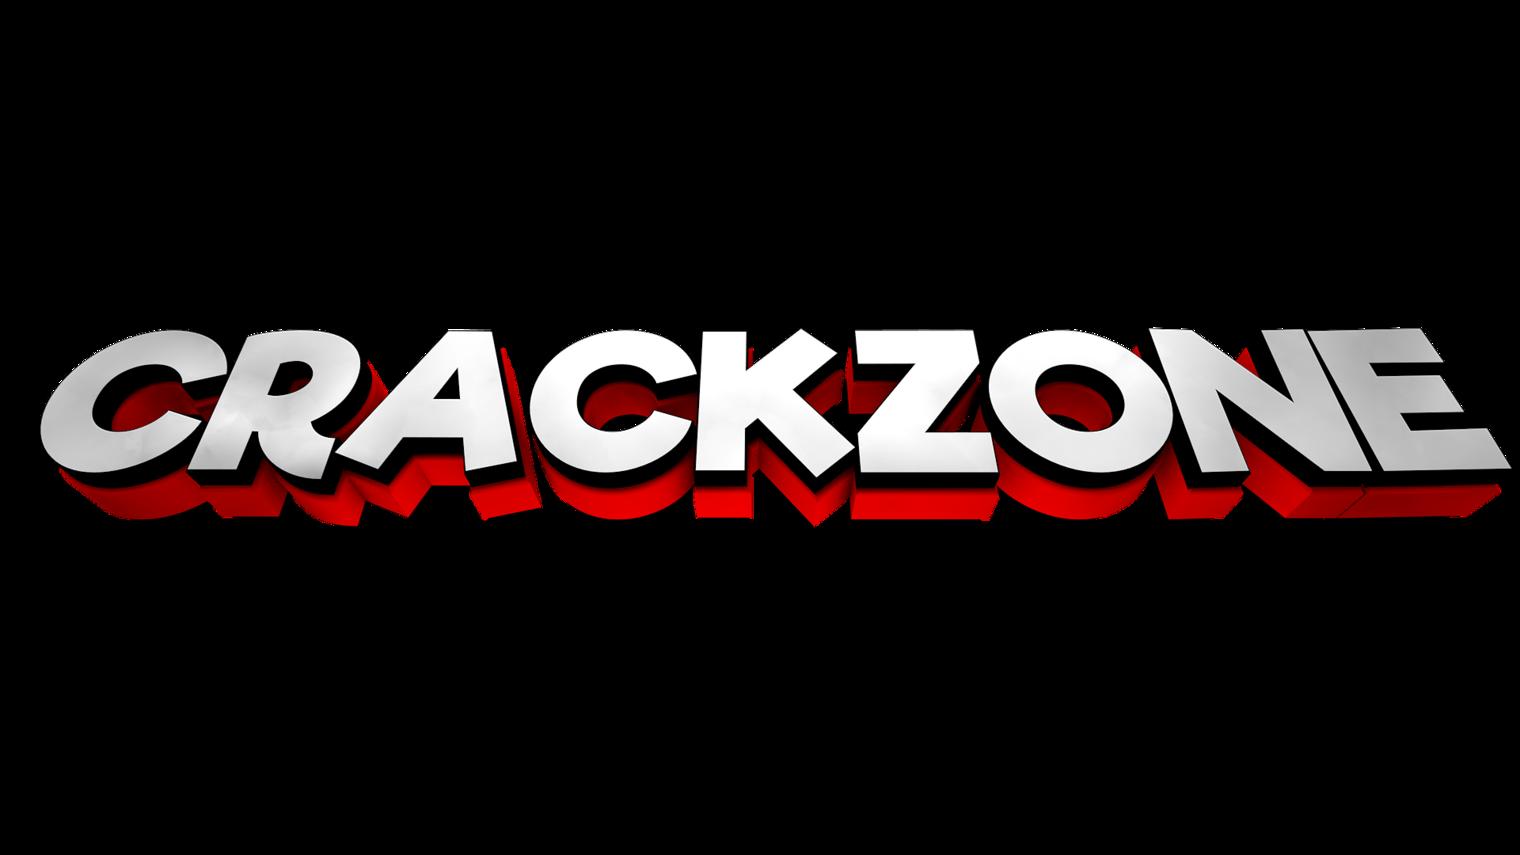 CrackZone | Mas que cracking